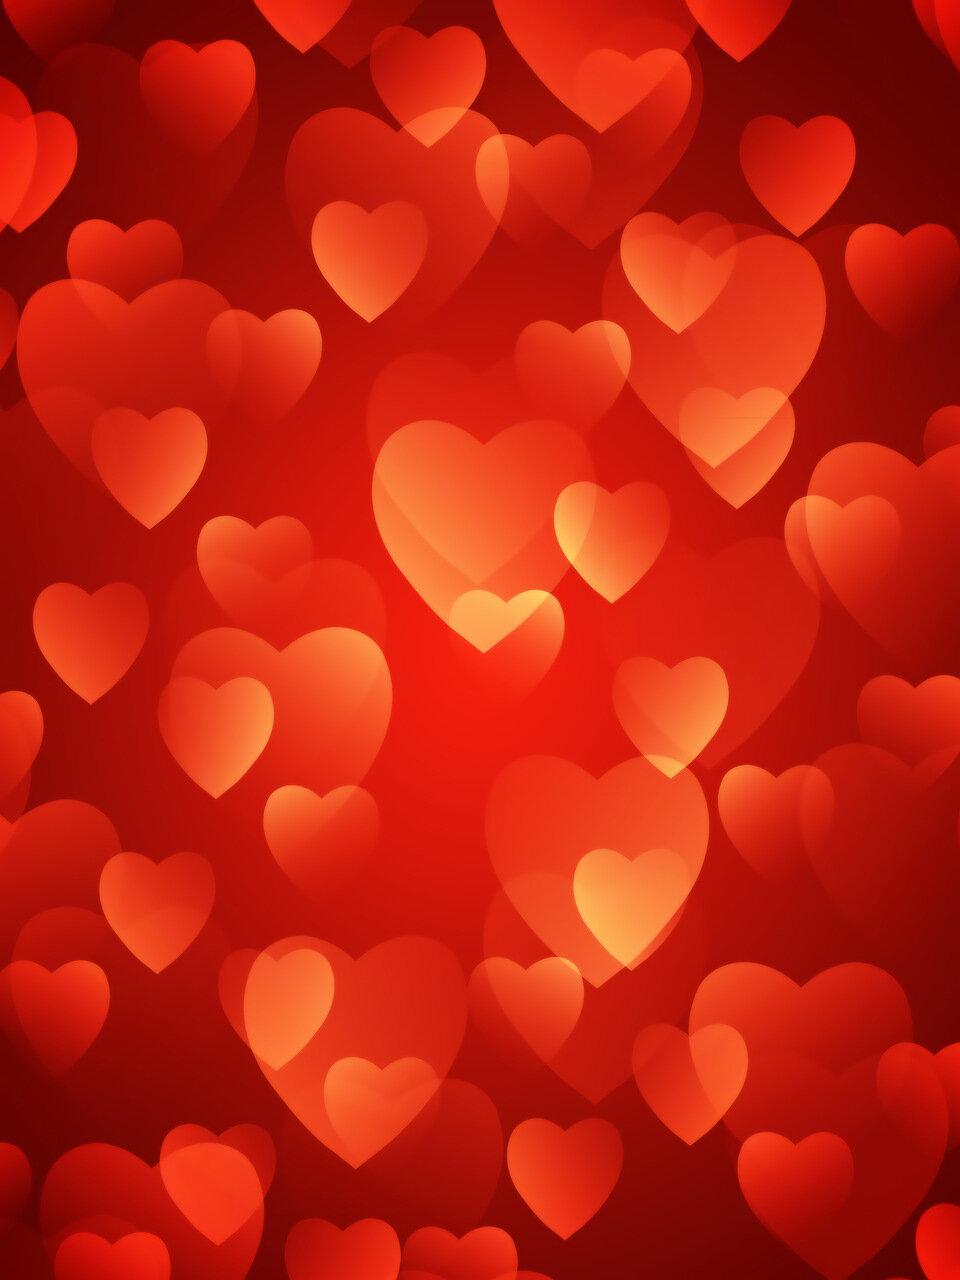 картинки много много сердечек собраны лучшие